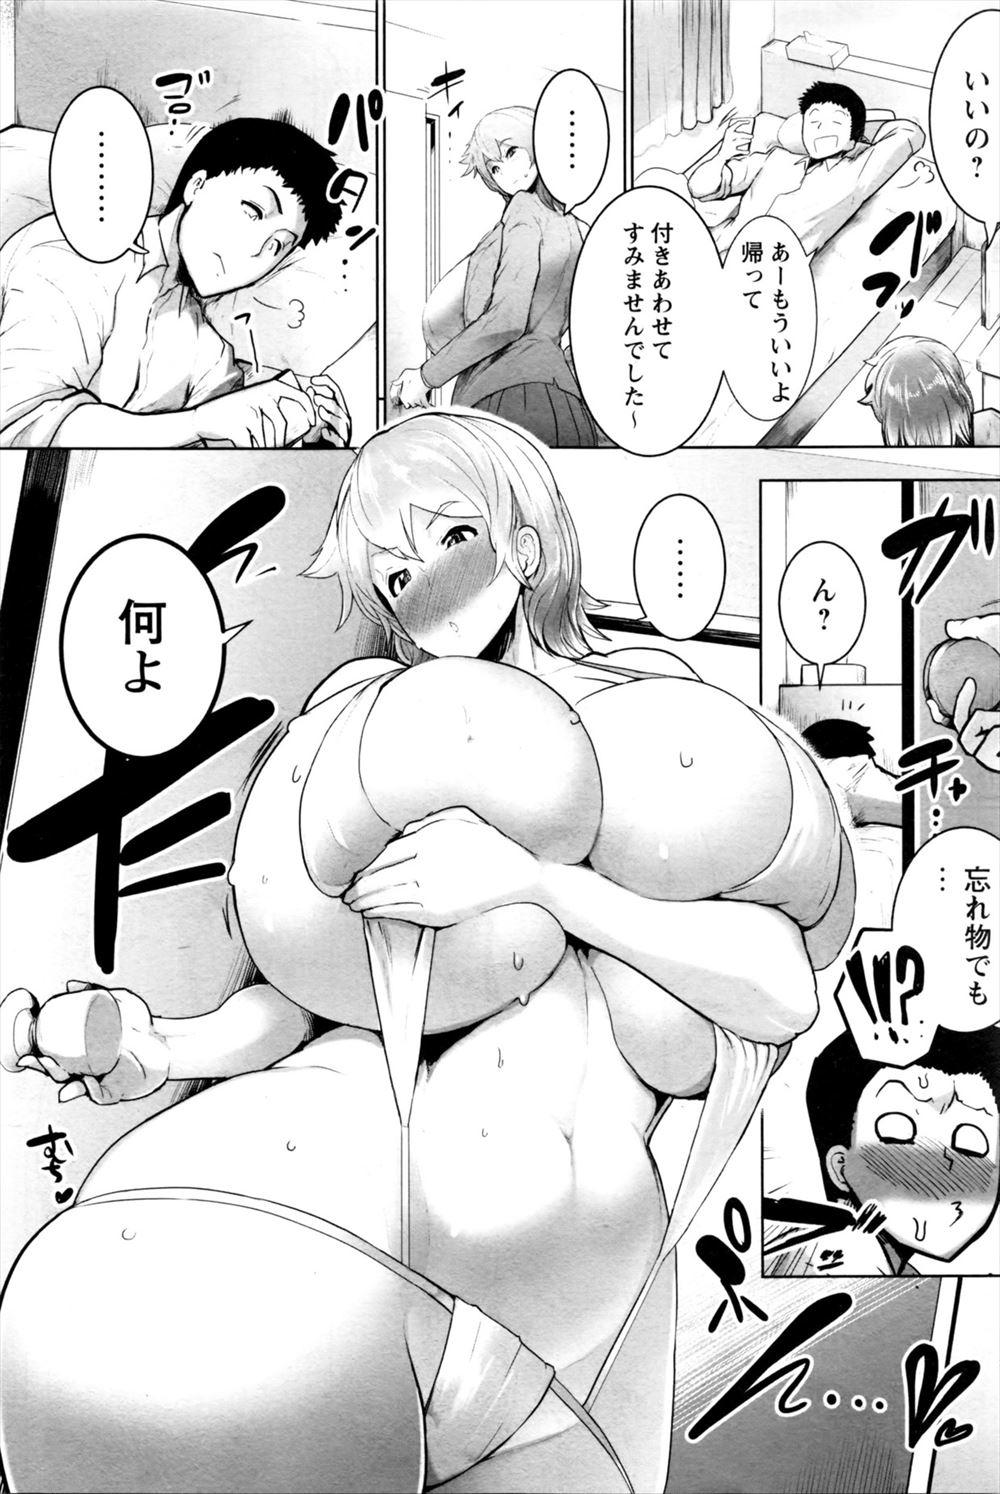 【エロ漫画】ゲーセンのUFOキャッチャーでGETしたエロ水着を凶暴な彼女に着せて陥没から飛び出すでか乳首を弄り…